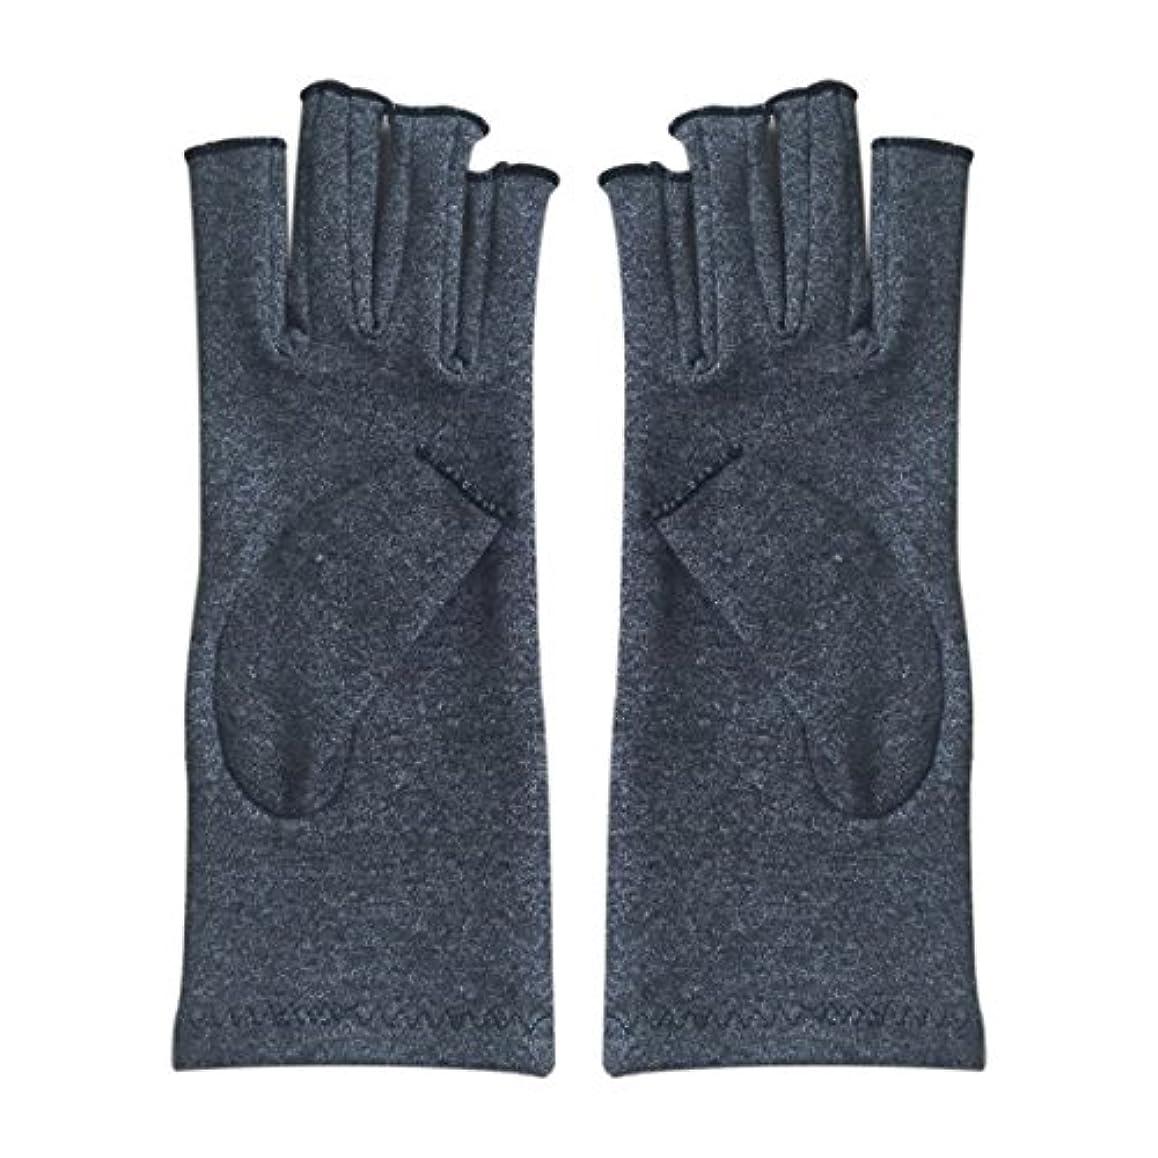 神社農業底TOOGOO ペア 弾性コットンコンプレッション手袋 ユニセックス 関節炎 関節痛 鎮痛 軽減 S 灰色